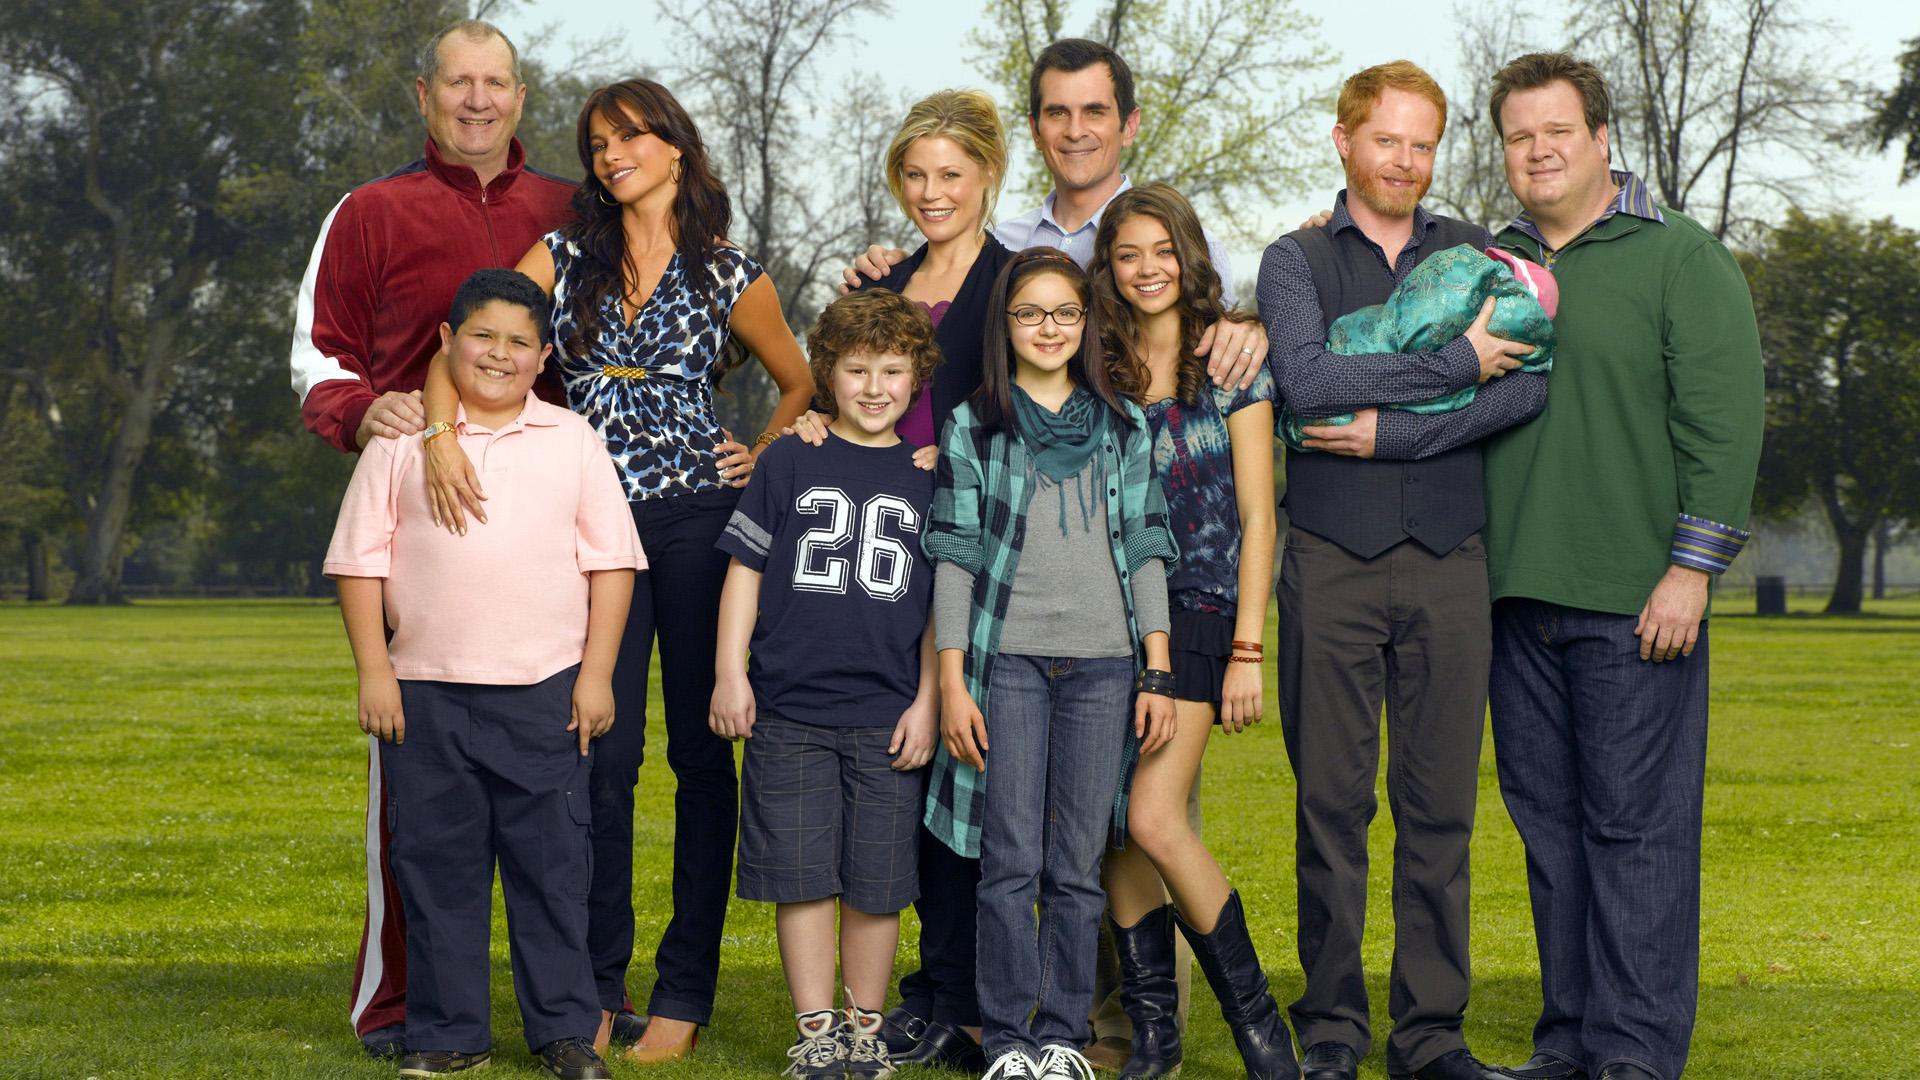 Modern család: Így változtak 11 év alatt a szereplők